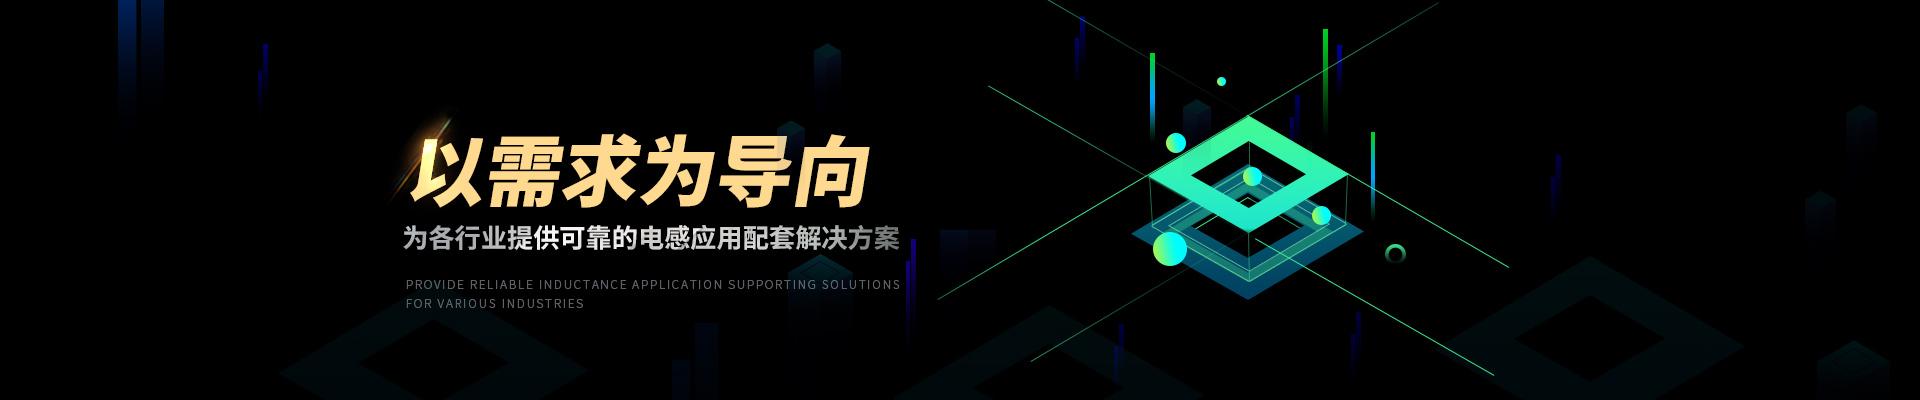 金昊德-为各行业提供可靠的电感应用配套解决方案